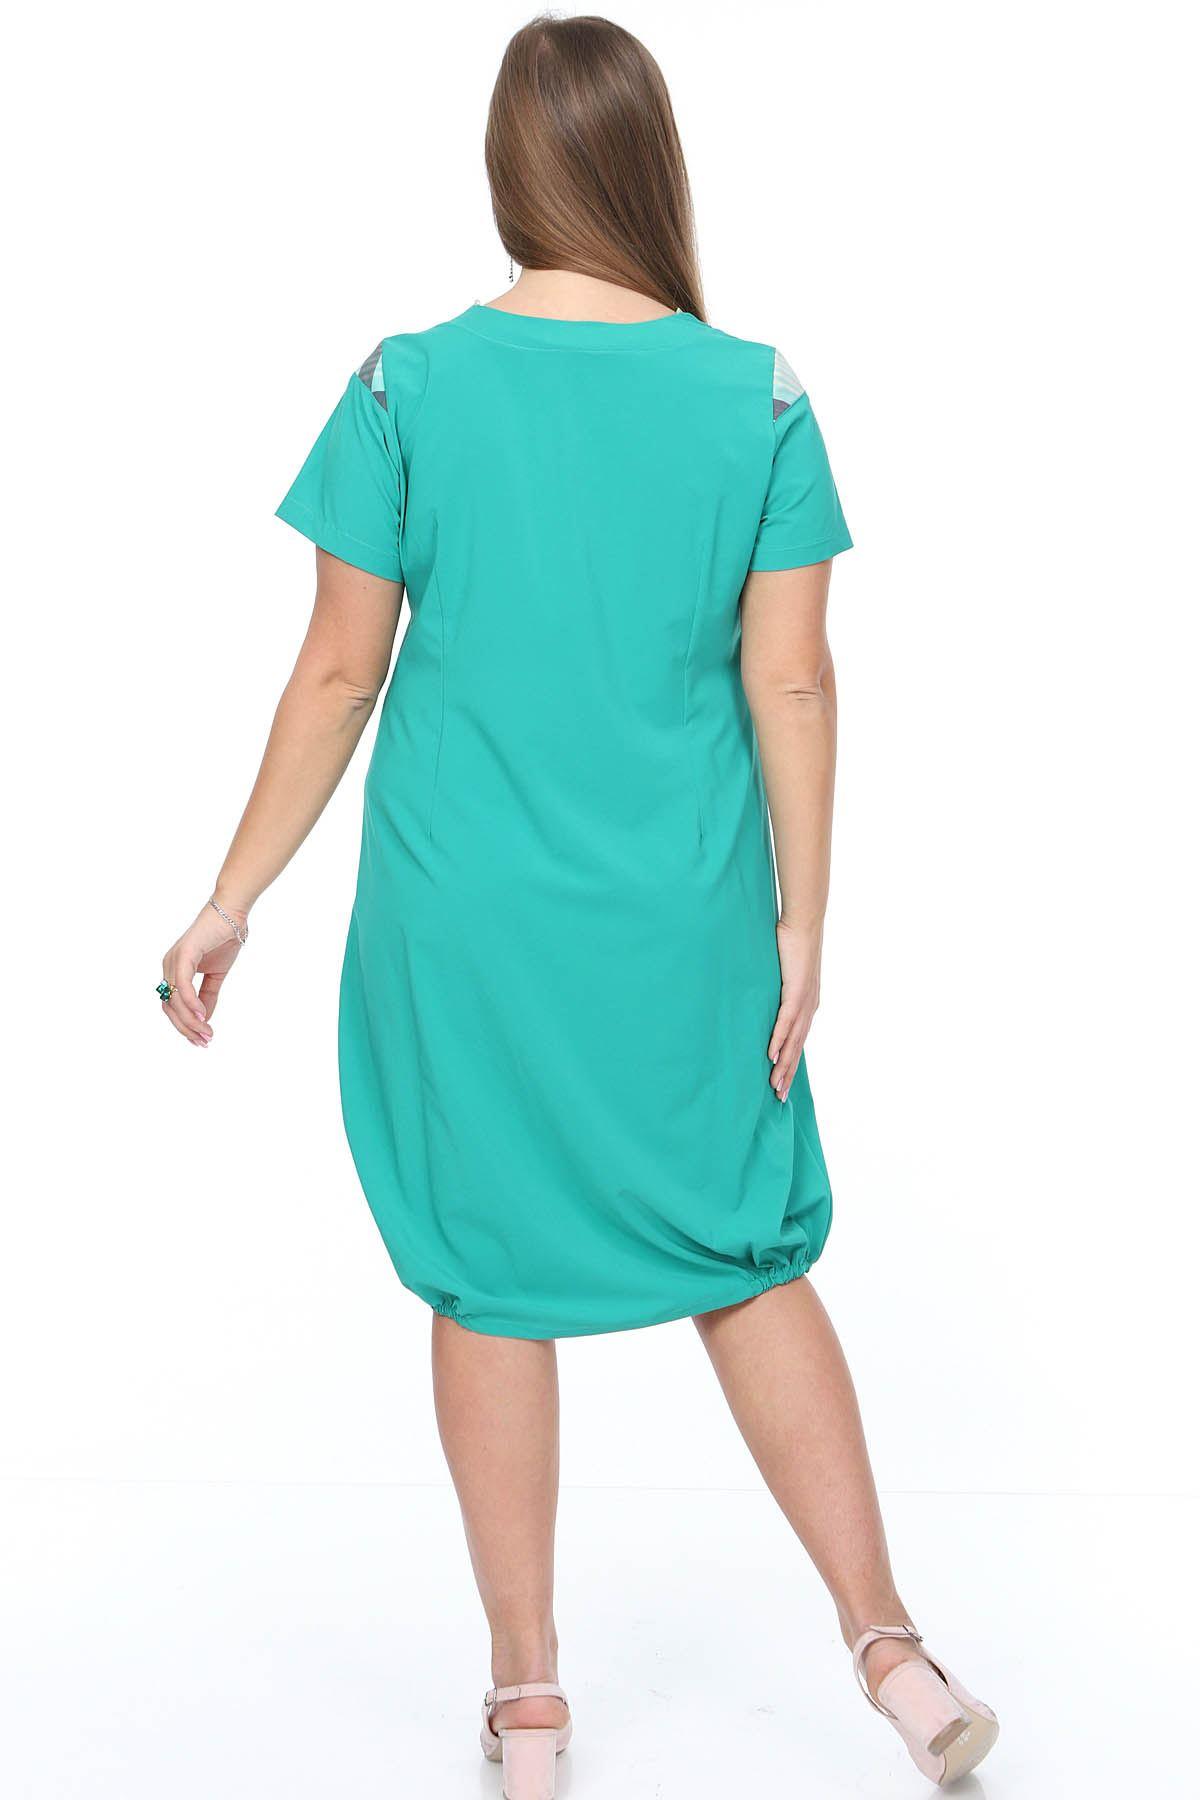 Yazlık Garnili Yeşil Büyük Beden Elbise 14F-0889